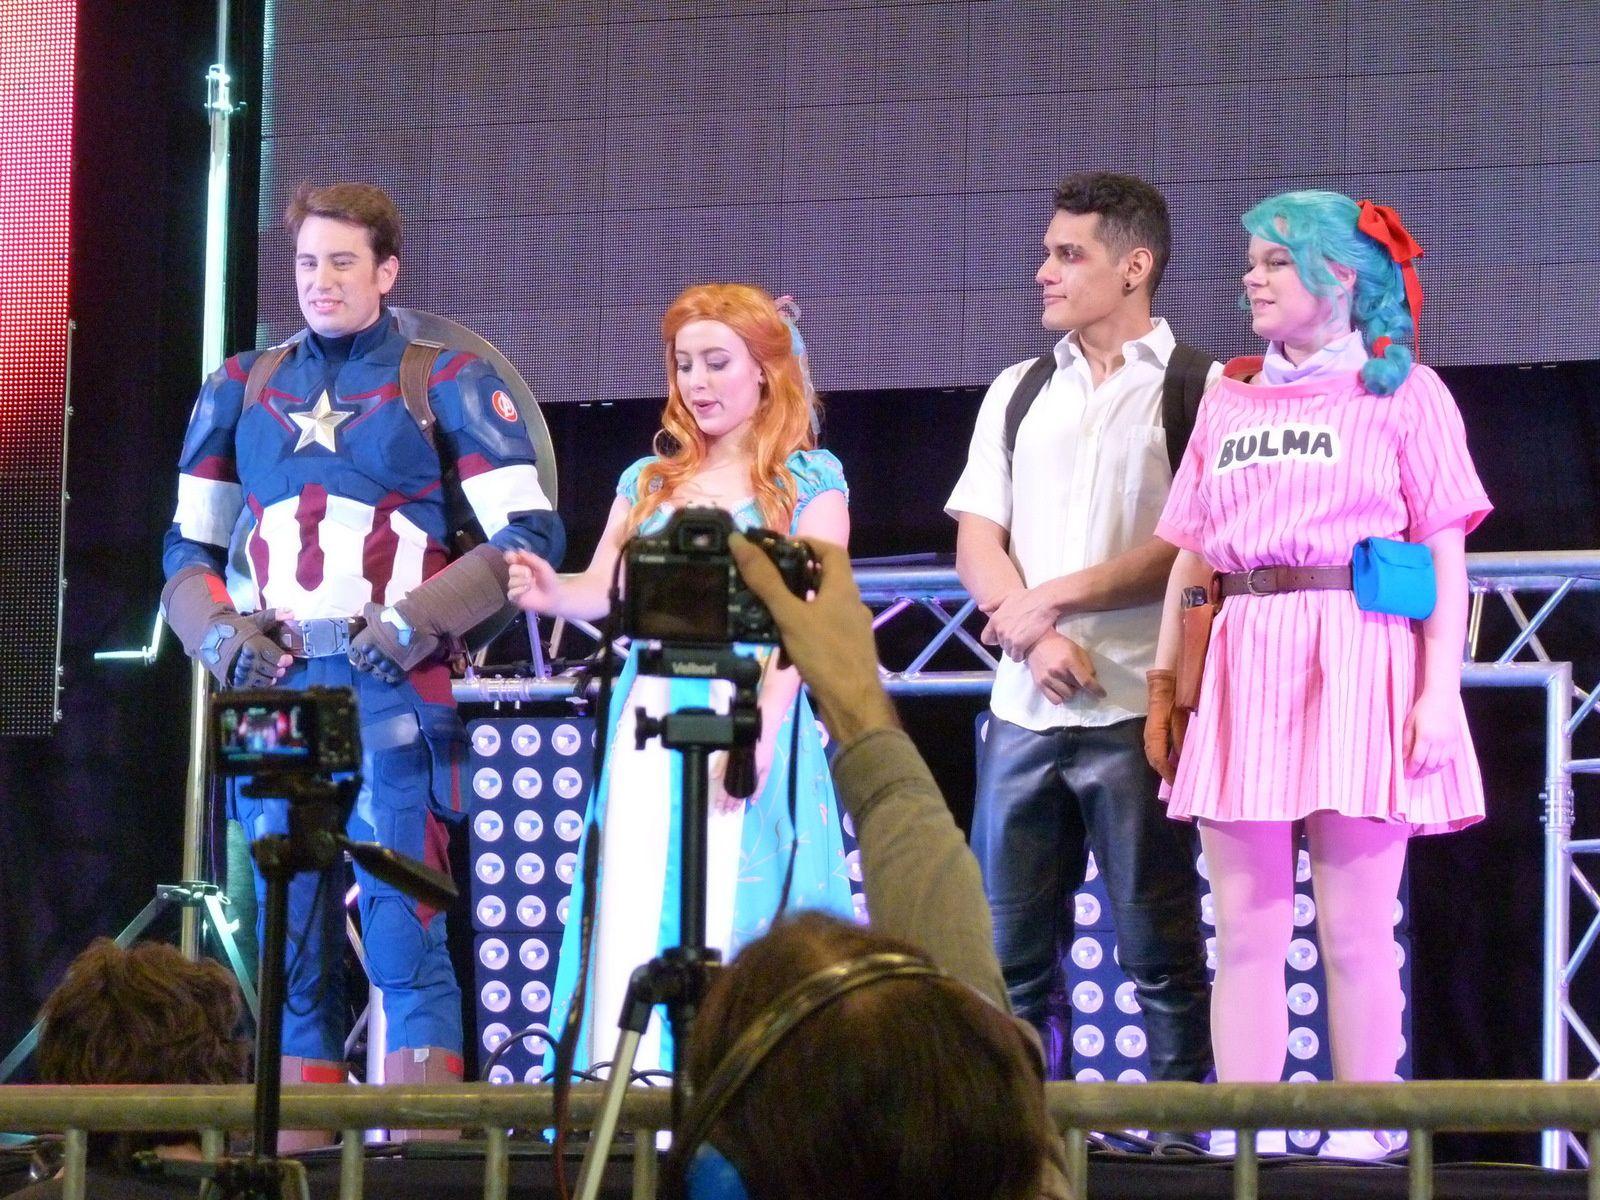 Le concours cosplay en groupe au TGS SP 2018 le 08/04/2018